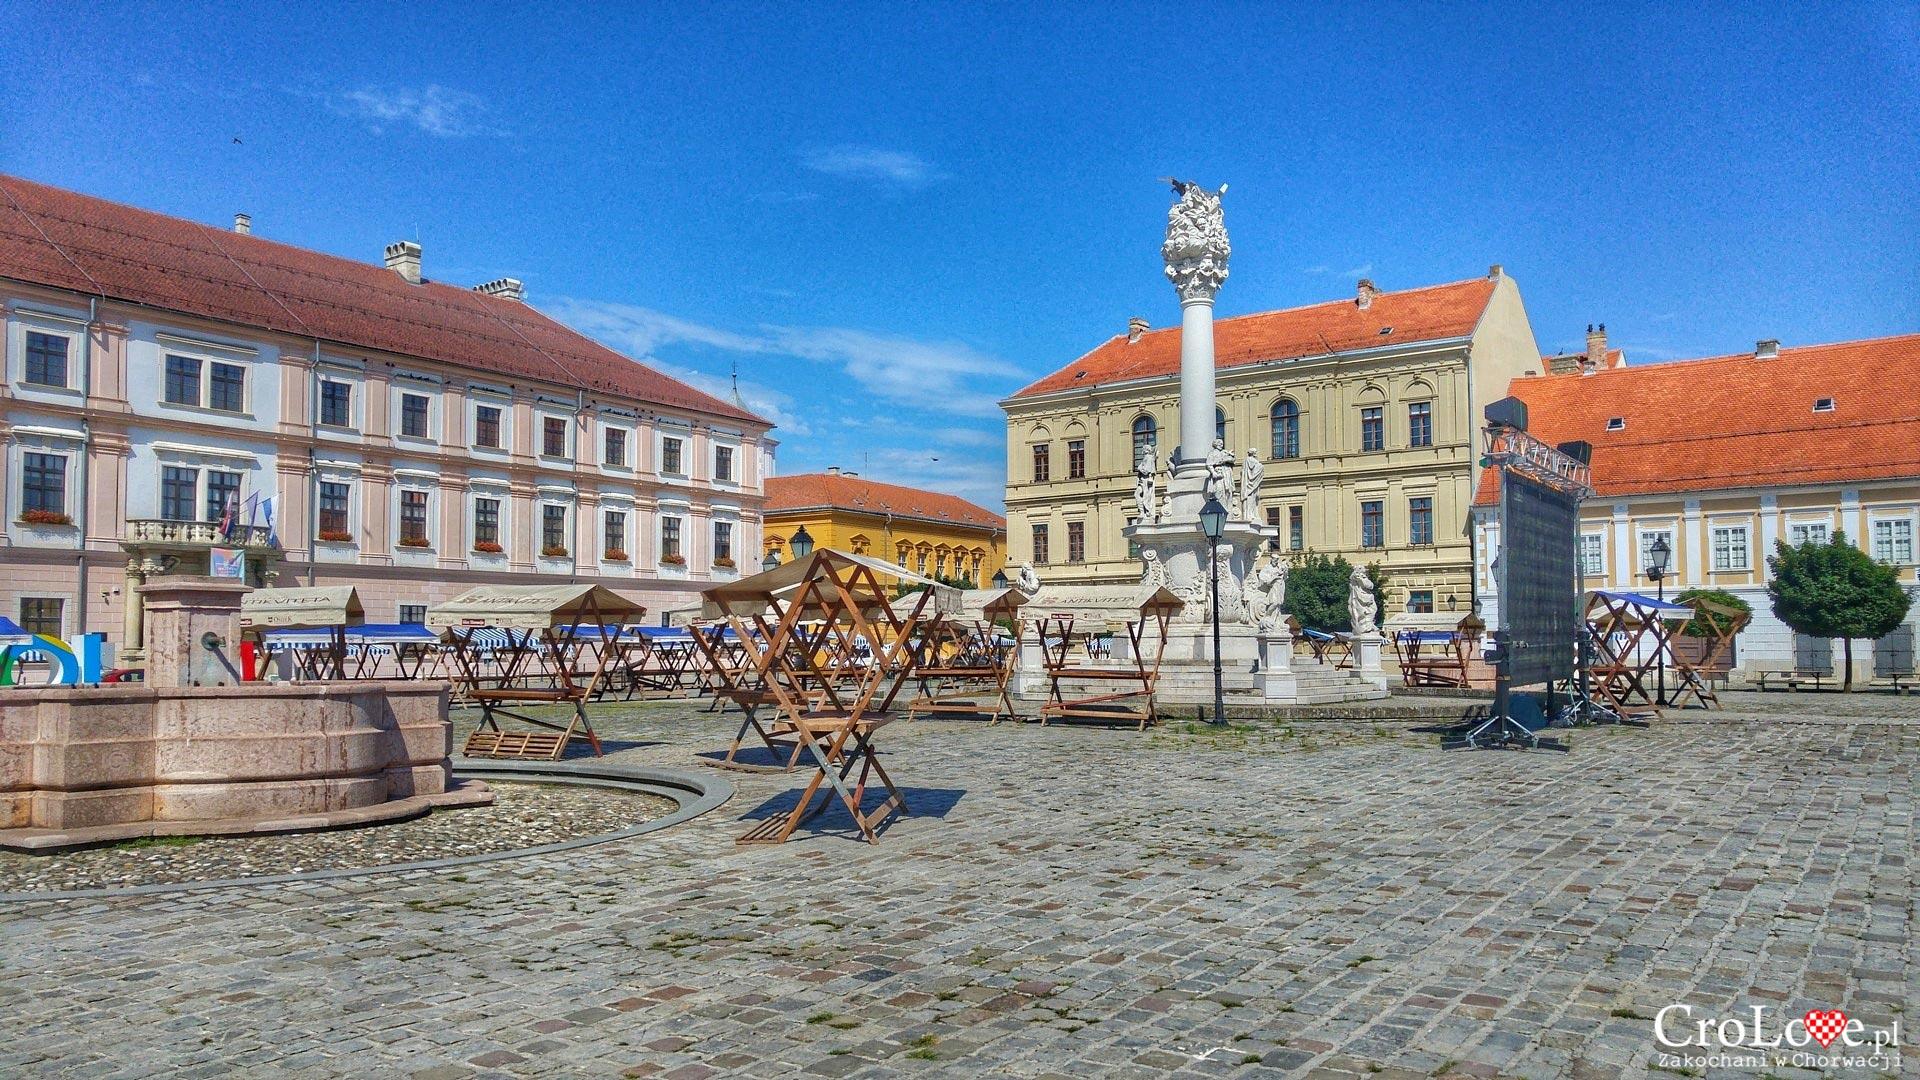 Plac. Tvrđa w Osijeku